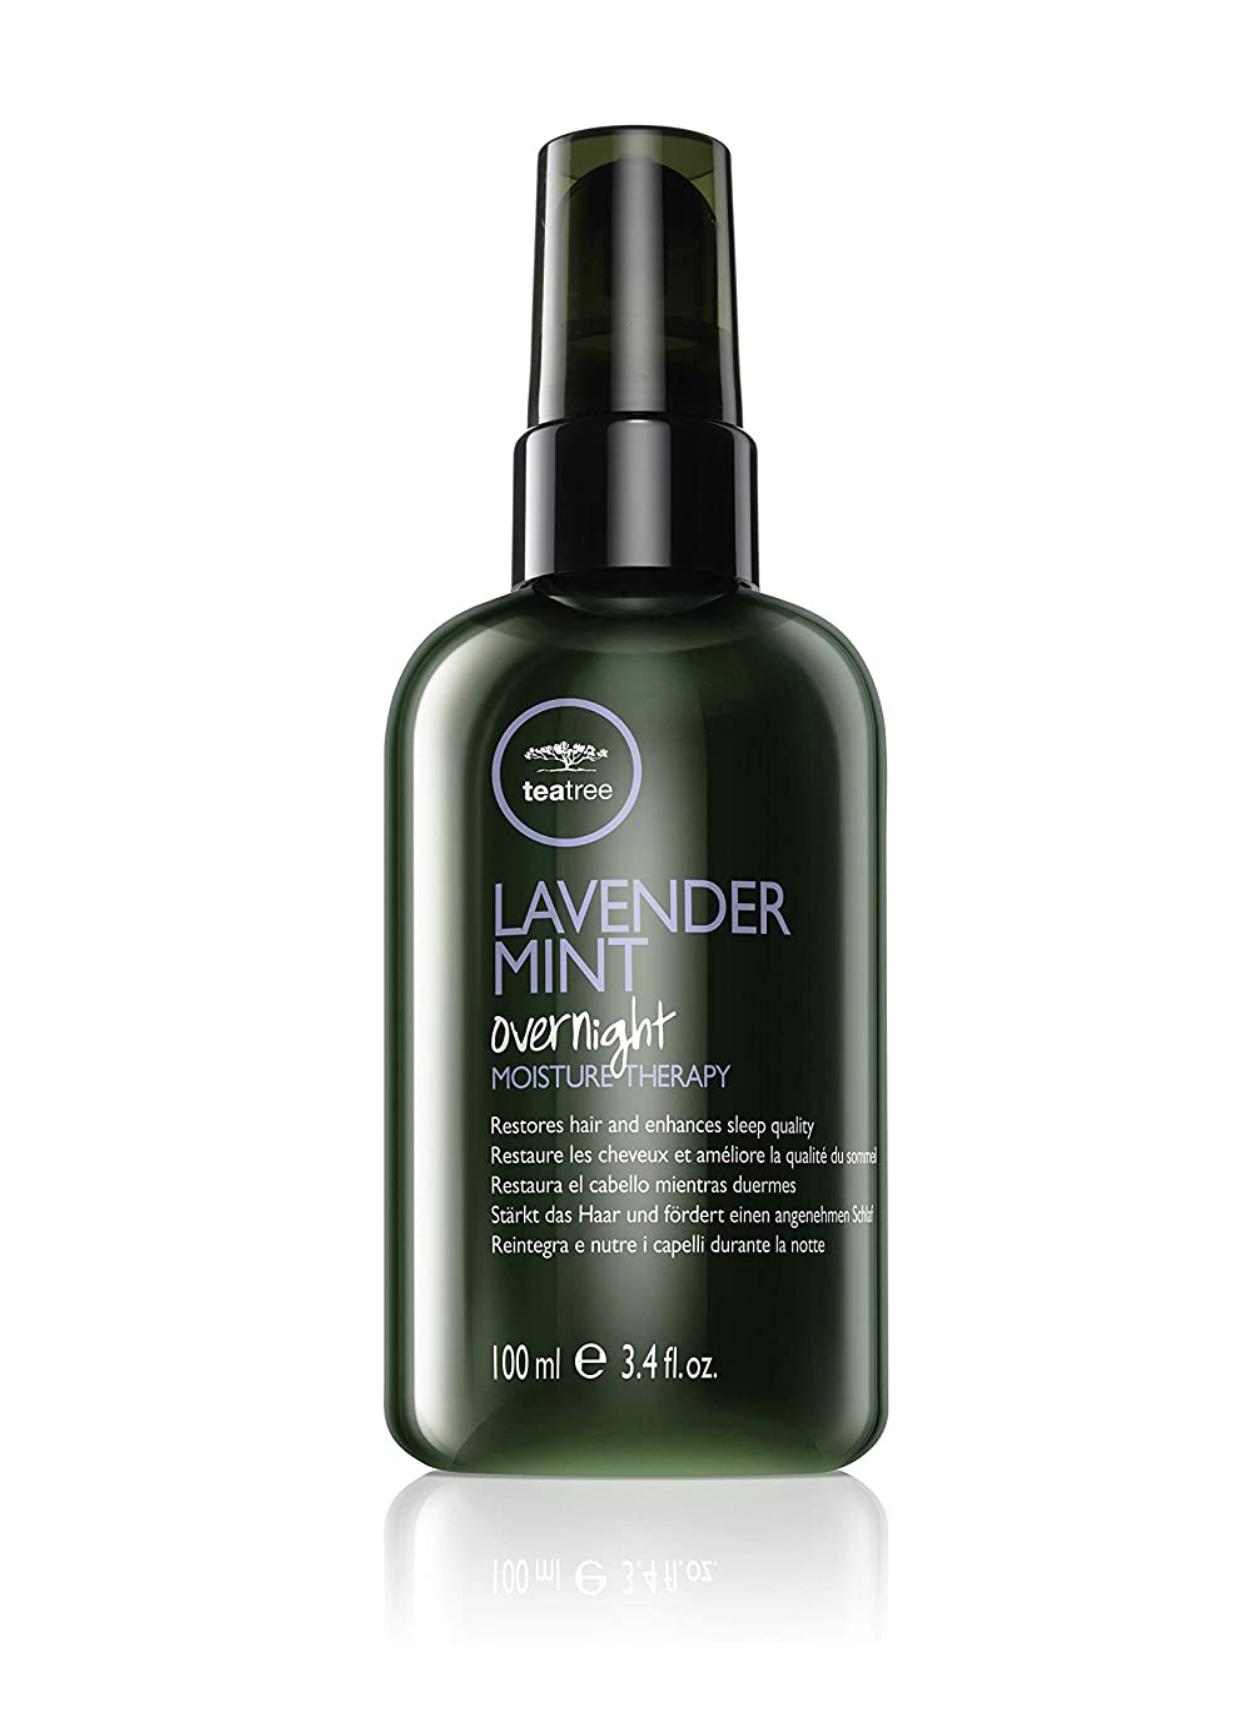 Paul Mitchell Levander Mint Overnight Moisture Therapy - neoplachujúca hydratační noční maska na vlasy, 100 ml